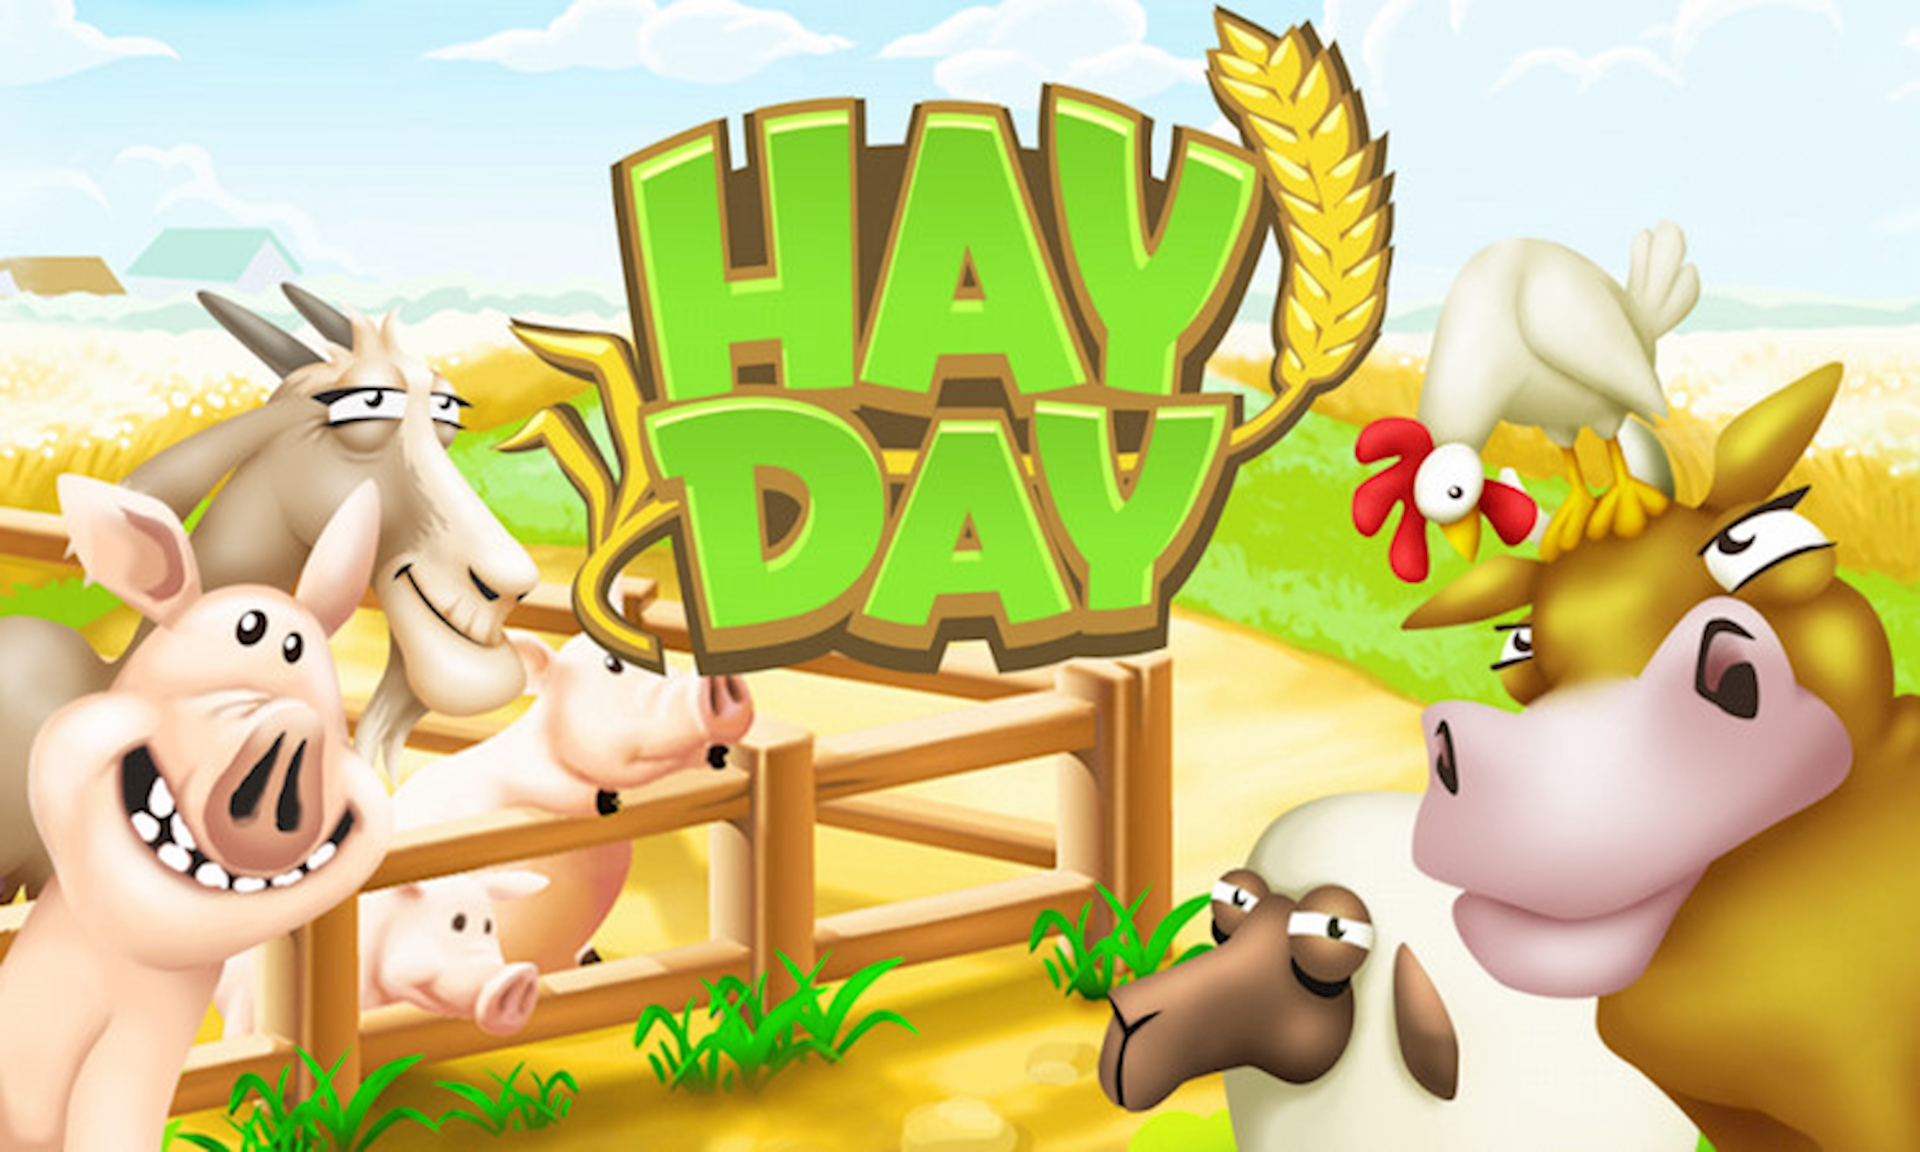 Trở thành một ông chủ trang trại chính hiệu khi tham gia vào game nông trại vui vẻ Hayday